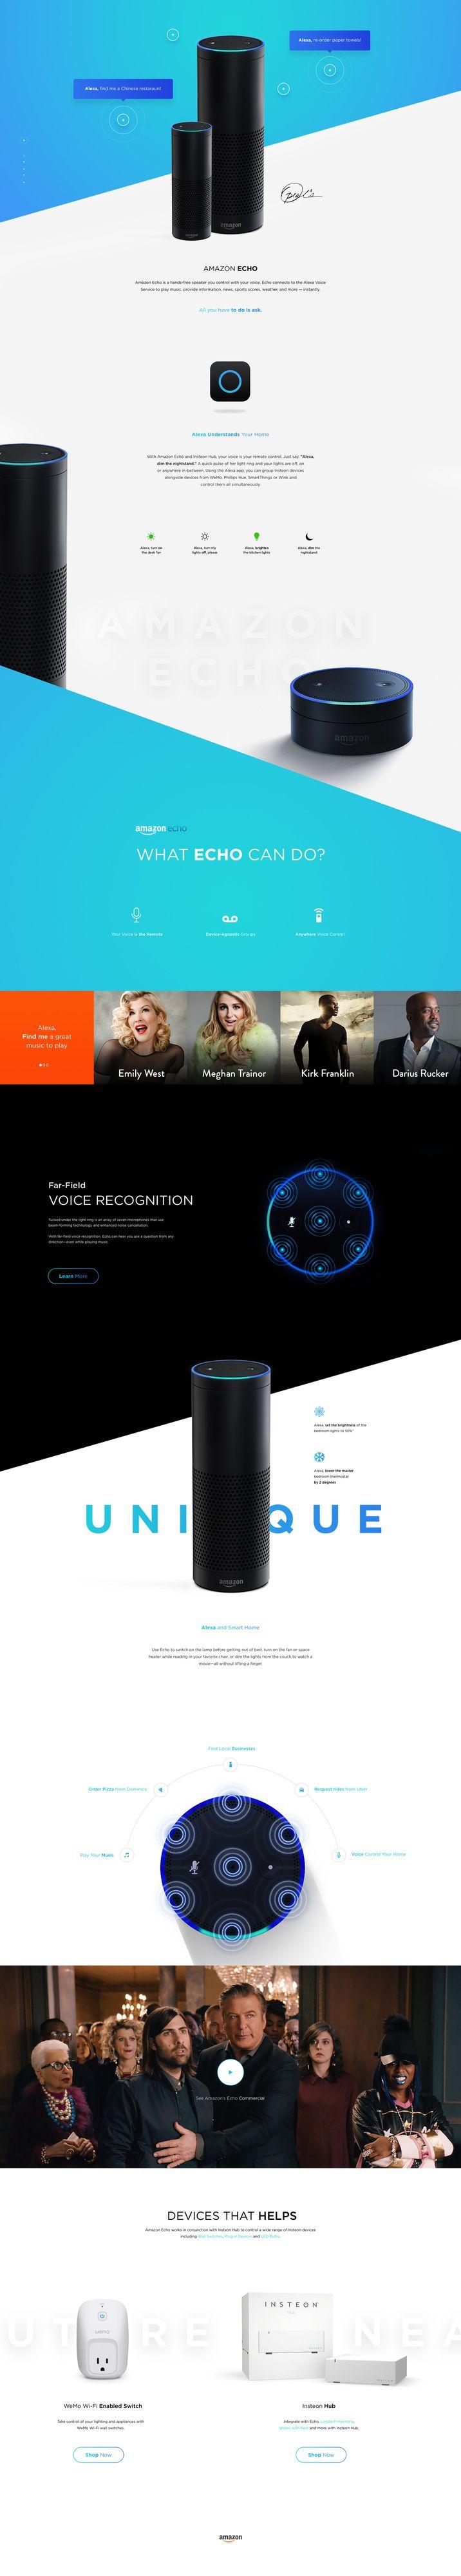 Amazon Echo. Concept for unique product by Amazon by Vitali Zahharov. Art-Director & Designer from Estonia.